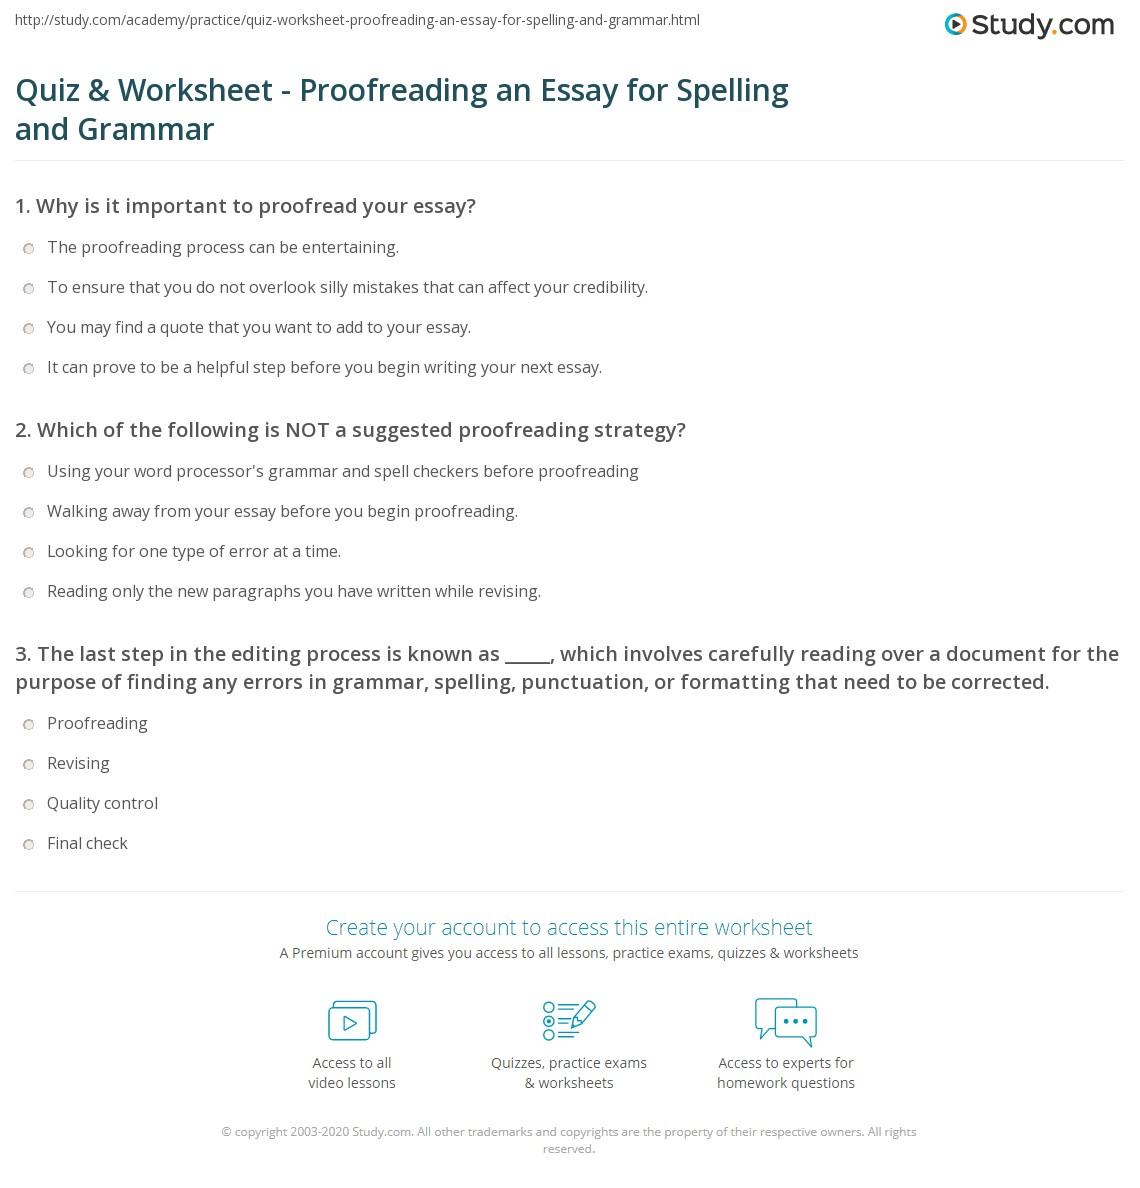 Essay Proofreading Worksheets